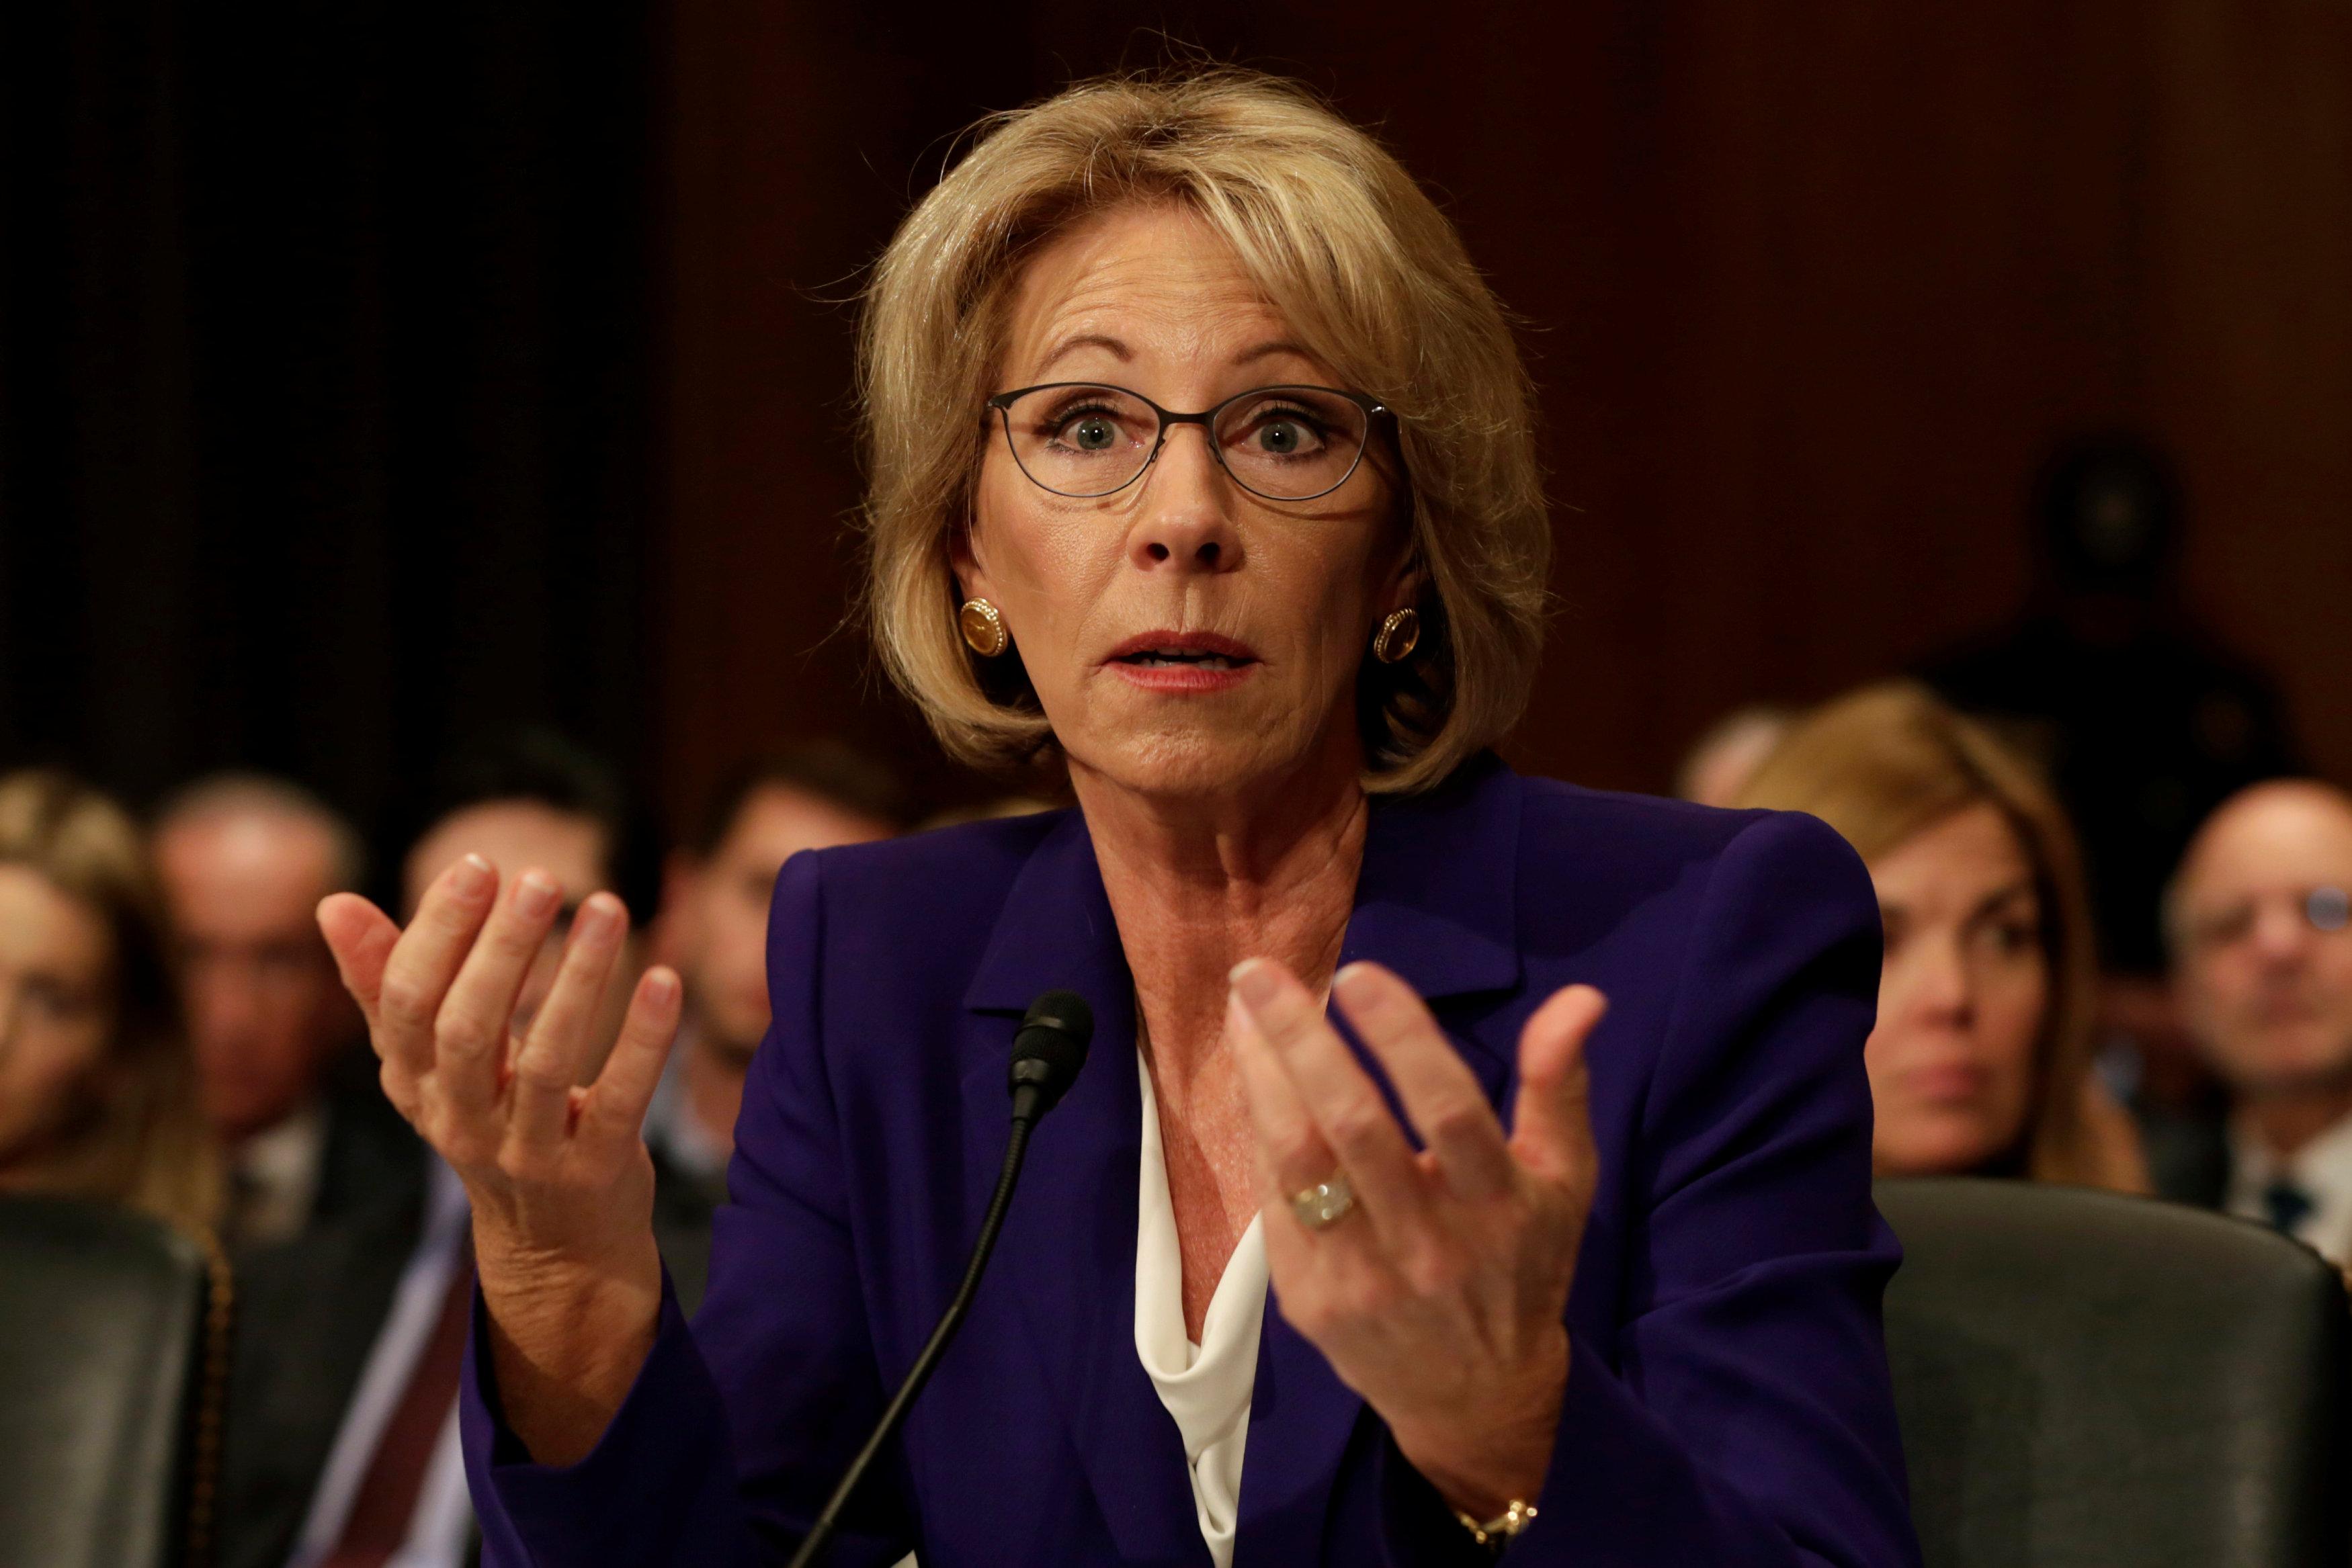 Washington, il segretario dell'ìistruzione Betsy DeVos